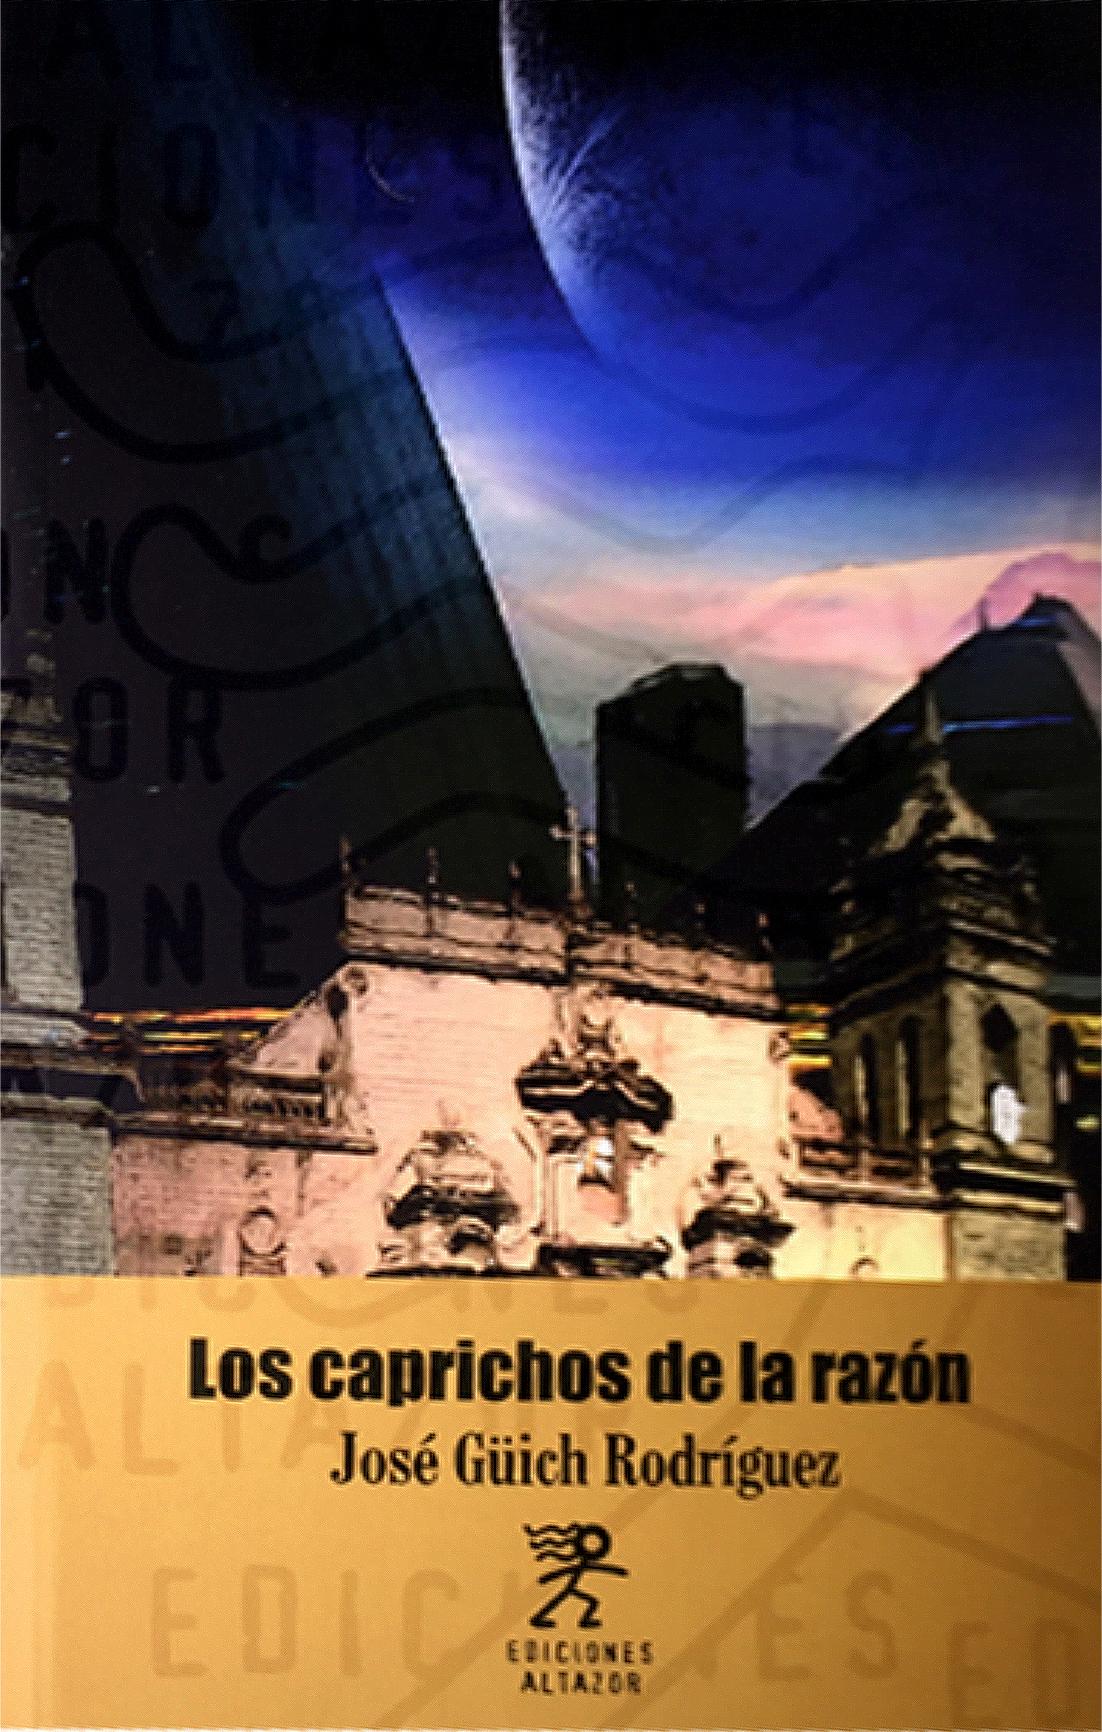 LOS CAPRICHOS DE LA RAZÓN